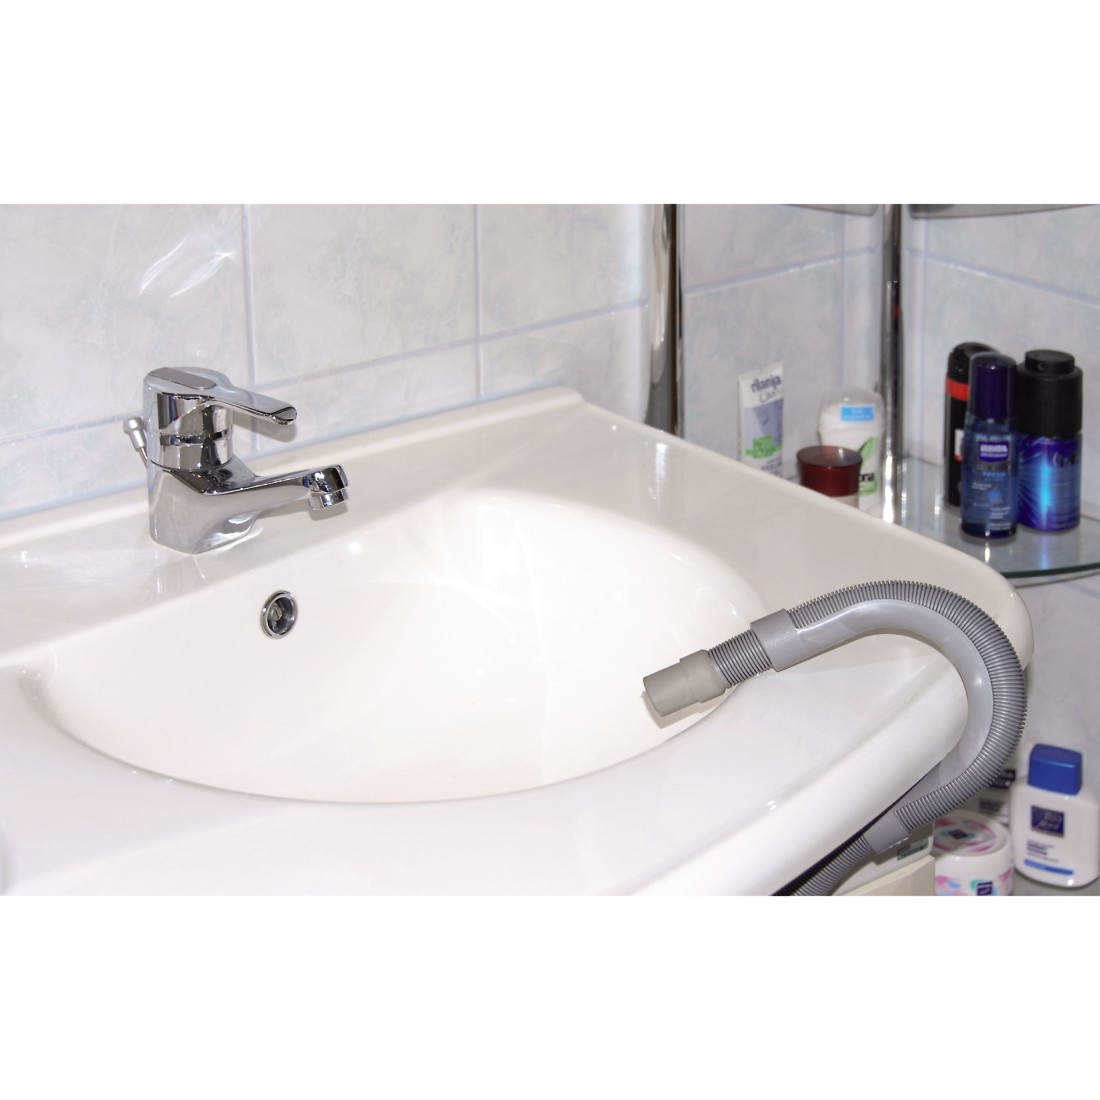 00110958 xavax tuyau d 39 vacuation d 39 eau pour lave linge lave vaisselle 2 50 m 1 p. Black Bedroom Furniture Sets. Home Design Ideas